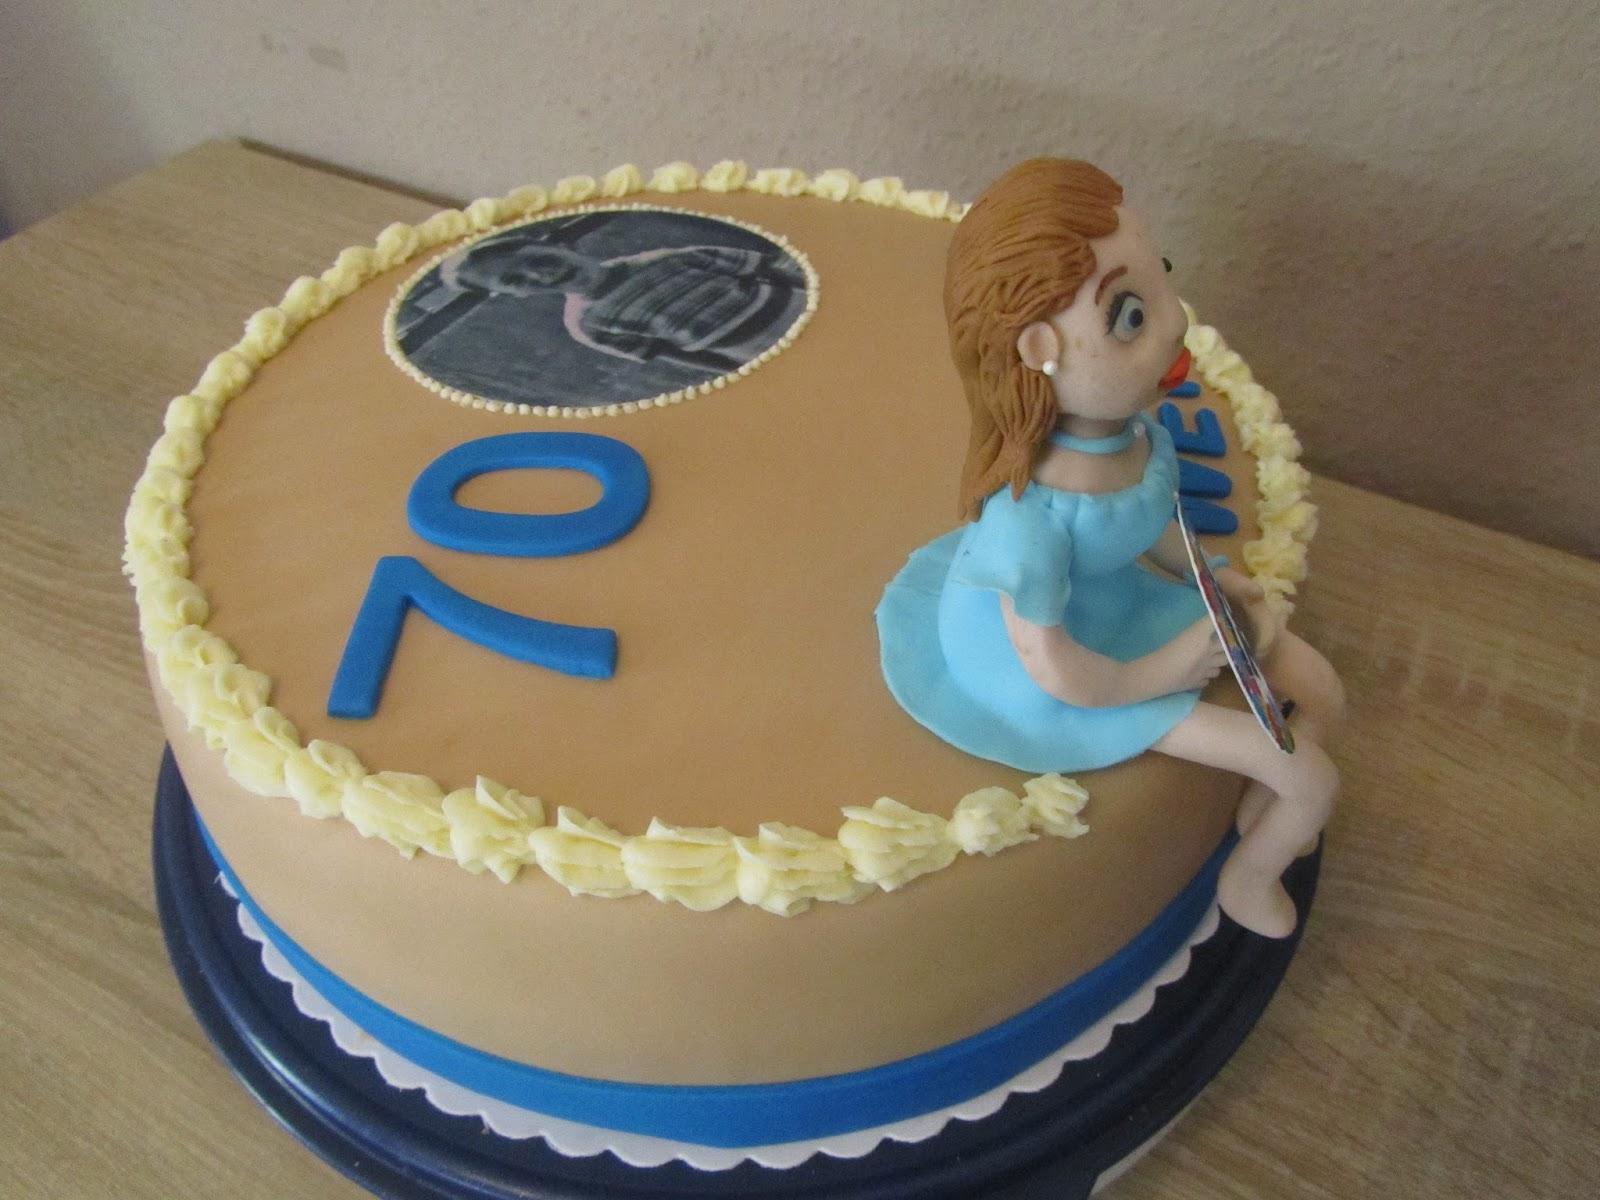 70 Geburtstag Fondant Torte Mit Figur Und Torten Foto Anke S